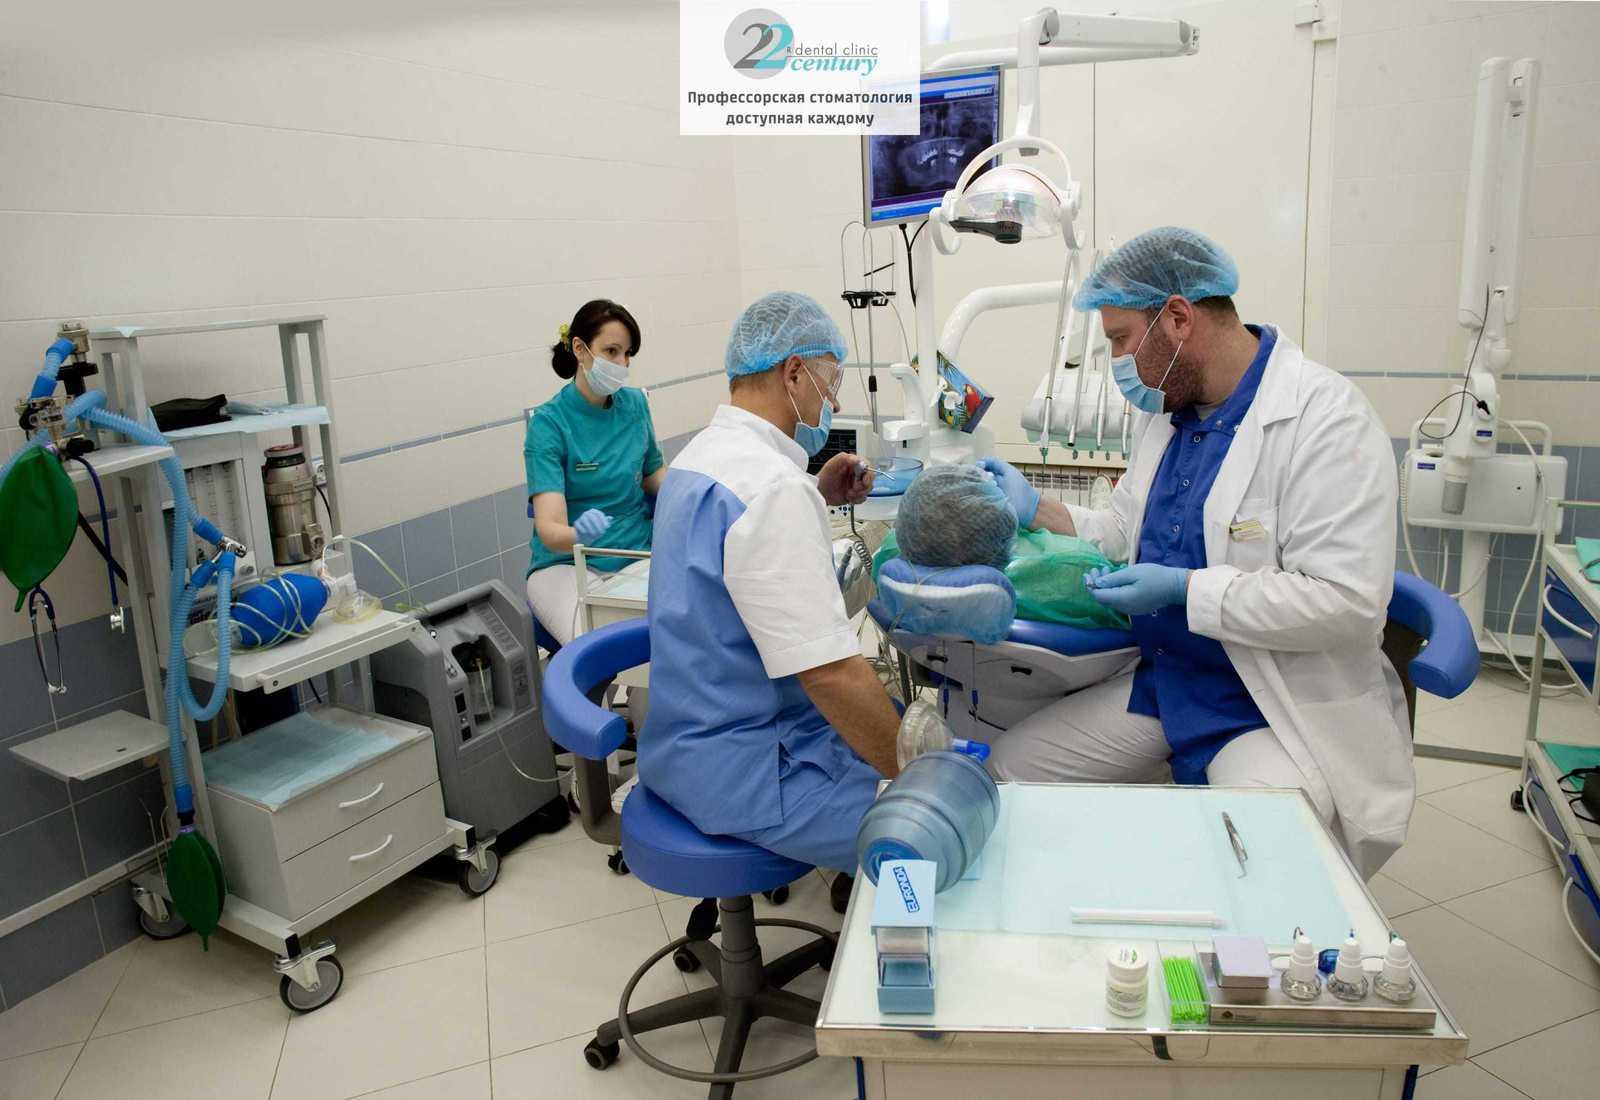 Стоматология в Москве  Cтоматологический центр Дентал